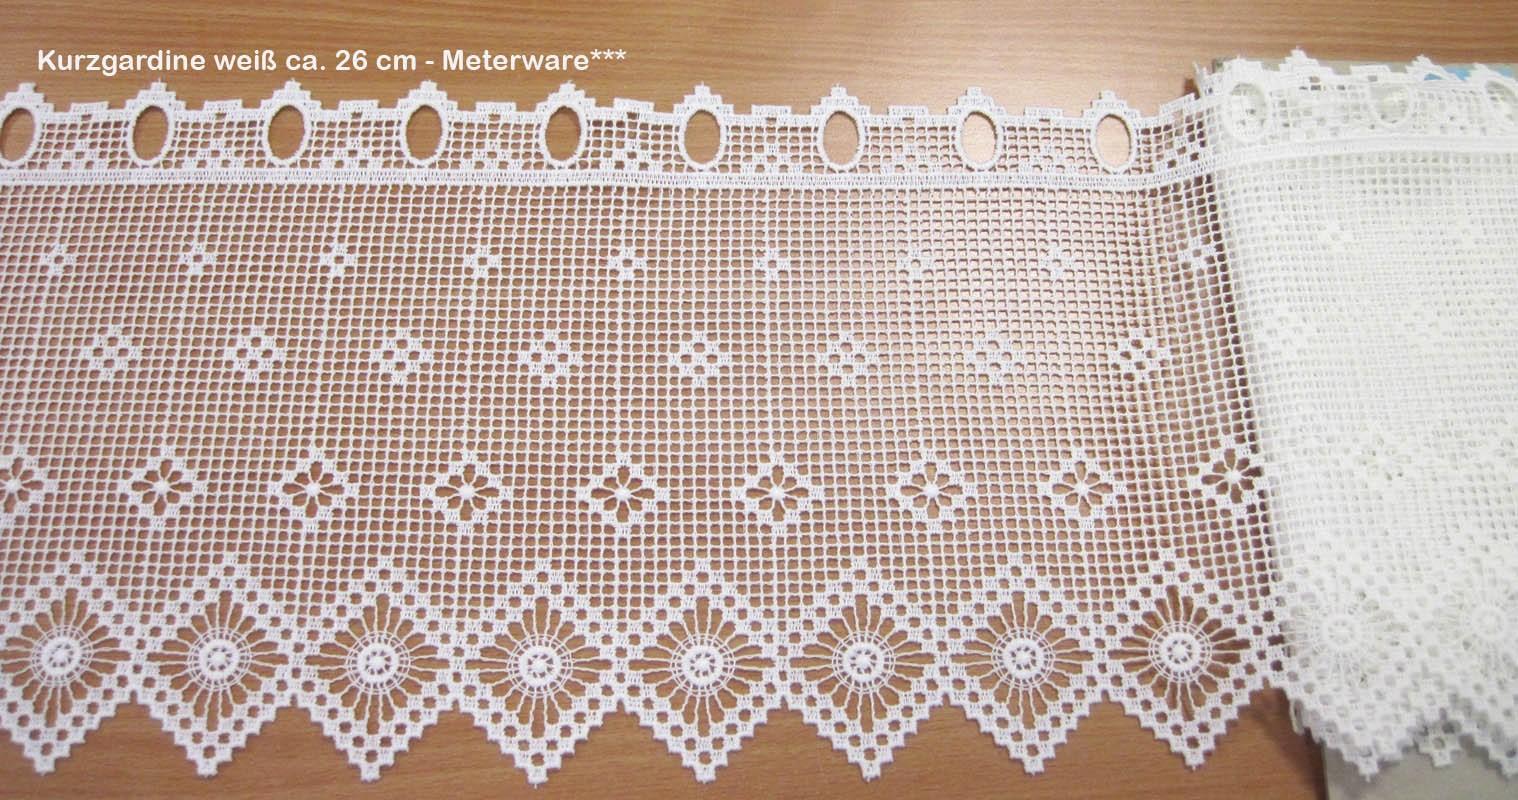 Kurzgardine - Panneaux im Landhausstil weiß, ca. 26 cm hoch - Meterware